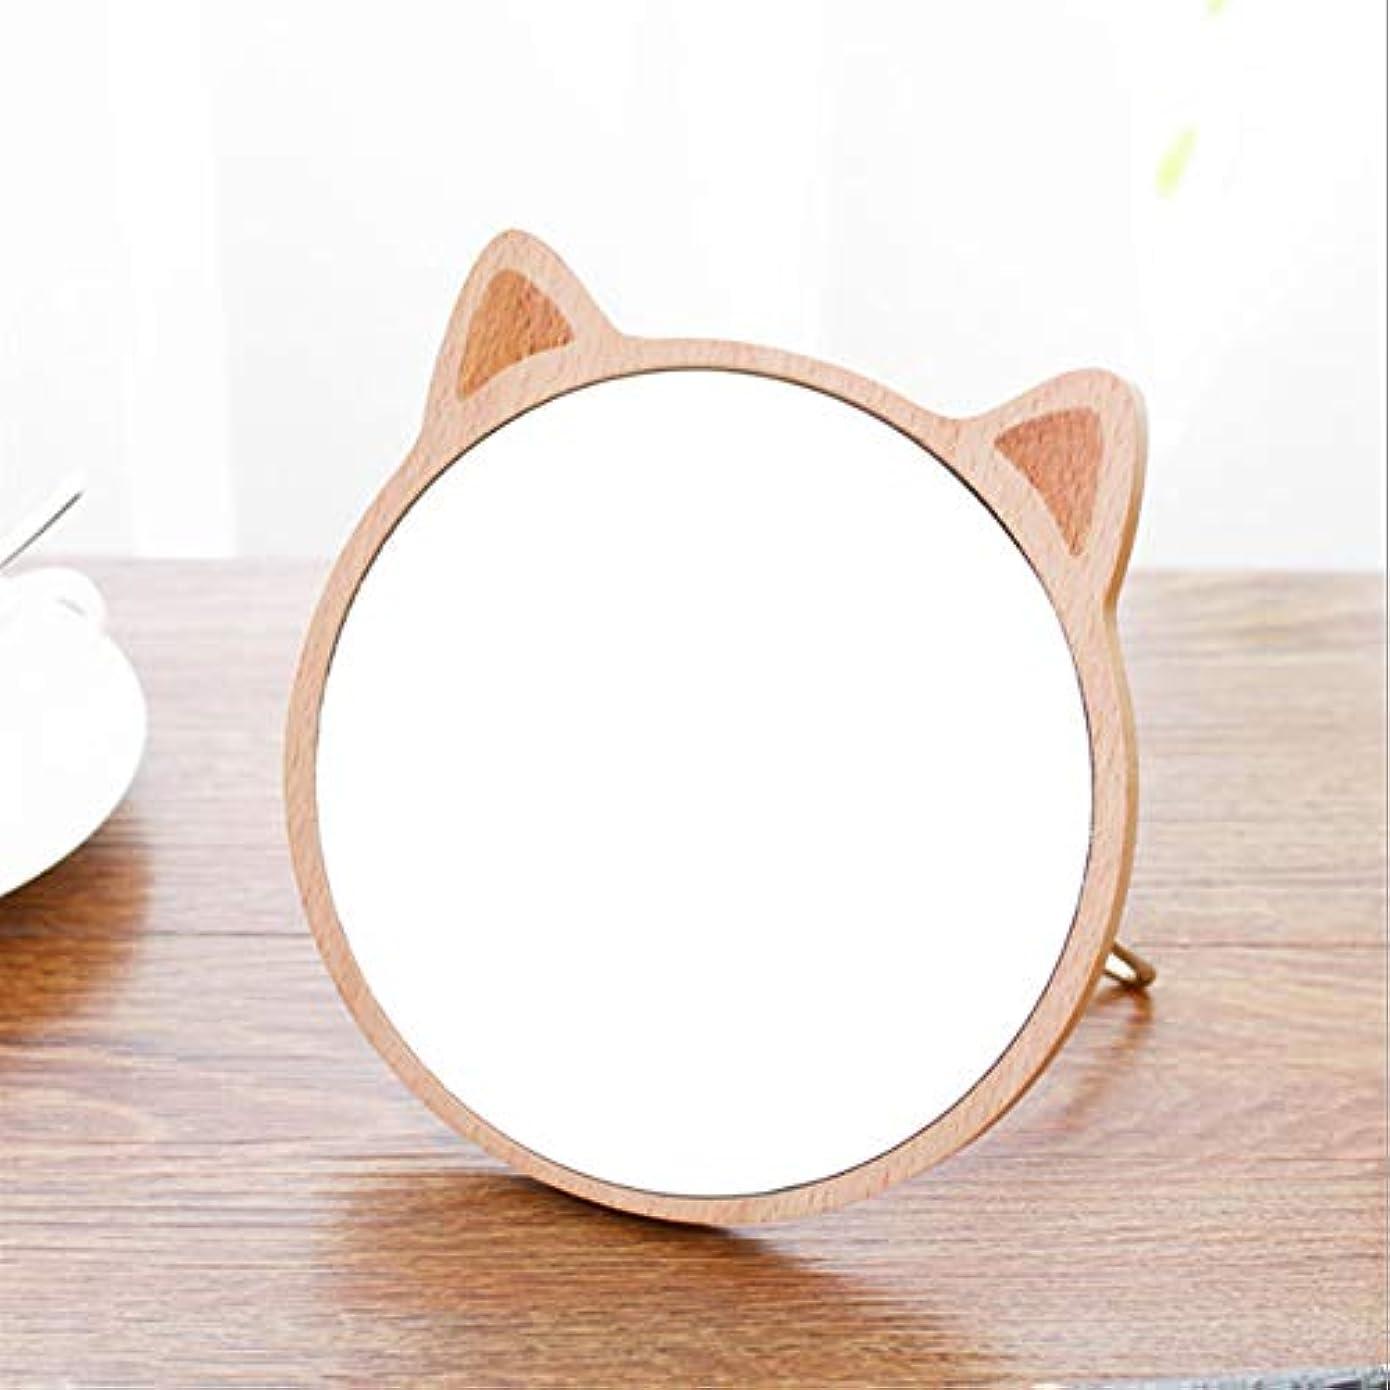 組立荒らすなめらかな鏡 木製 卓上 化粧鏡 可愛い猫耳 卓上ミラー 丸型 スタンドミラー 卓上鏡 おしゃれ 180度回転 角度調整対応